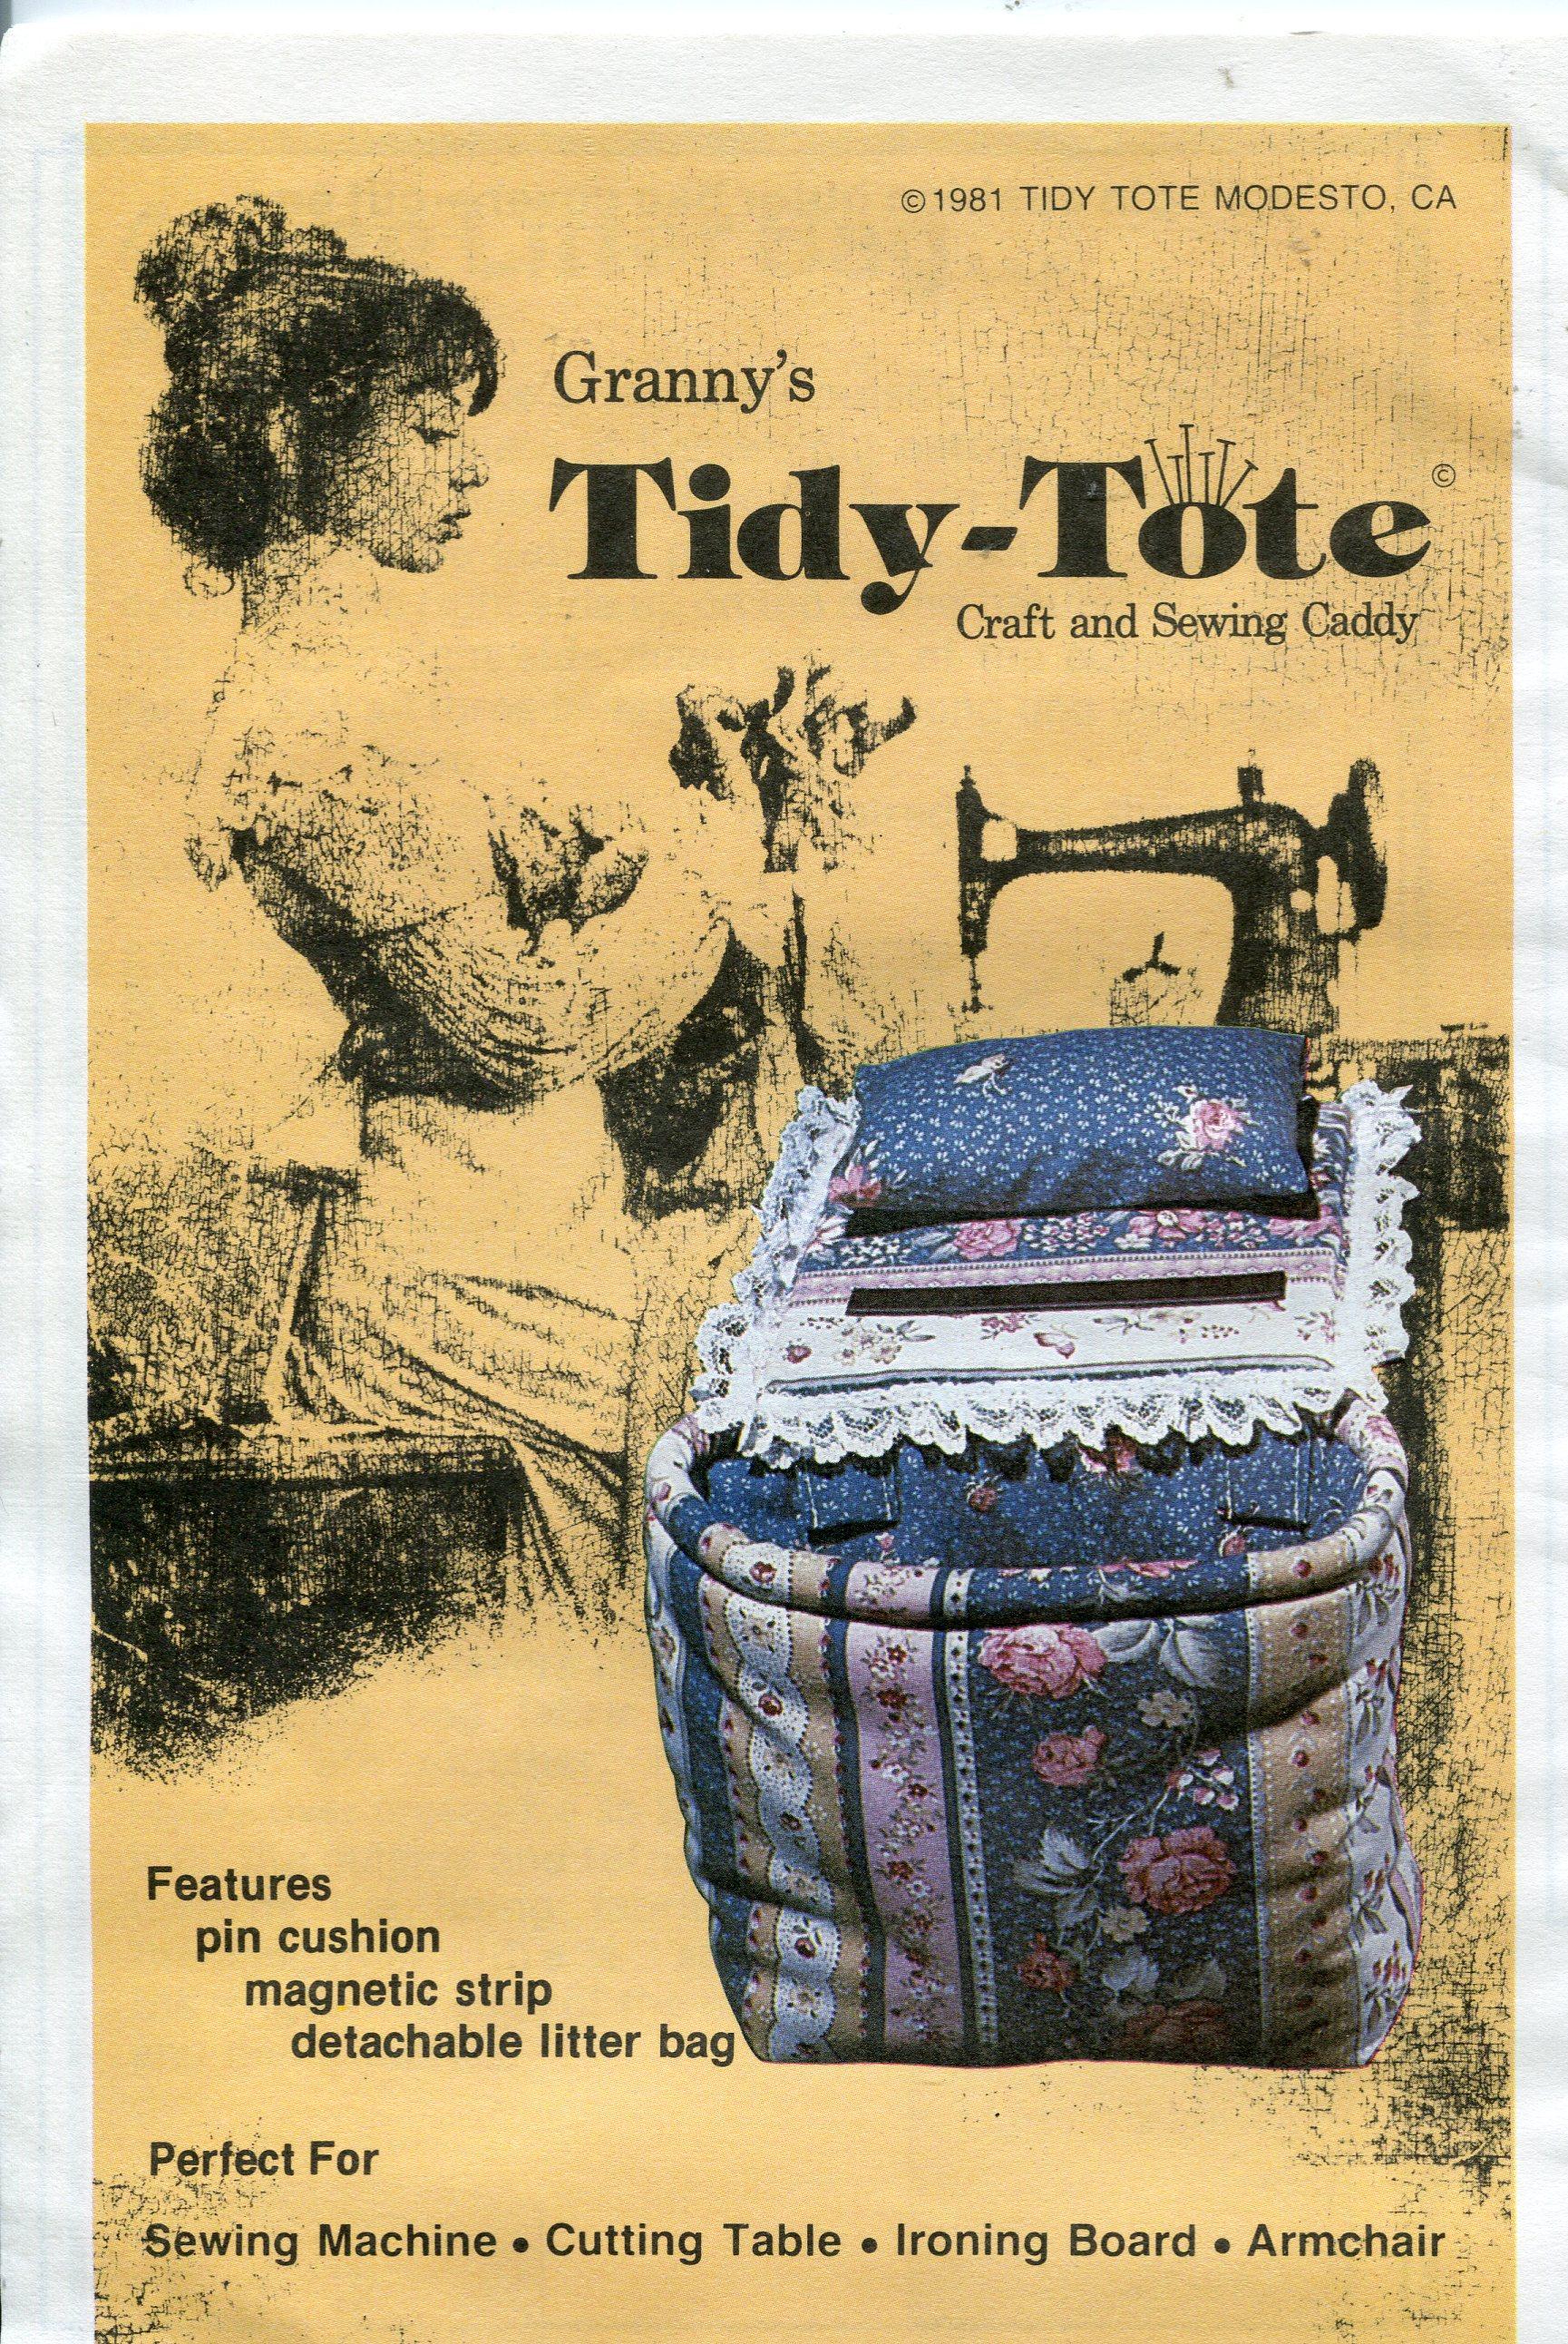 Granny's Tidy-Tote